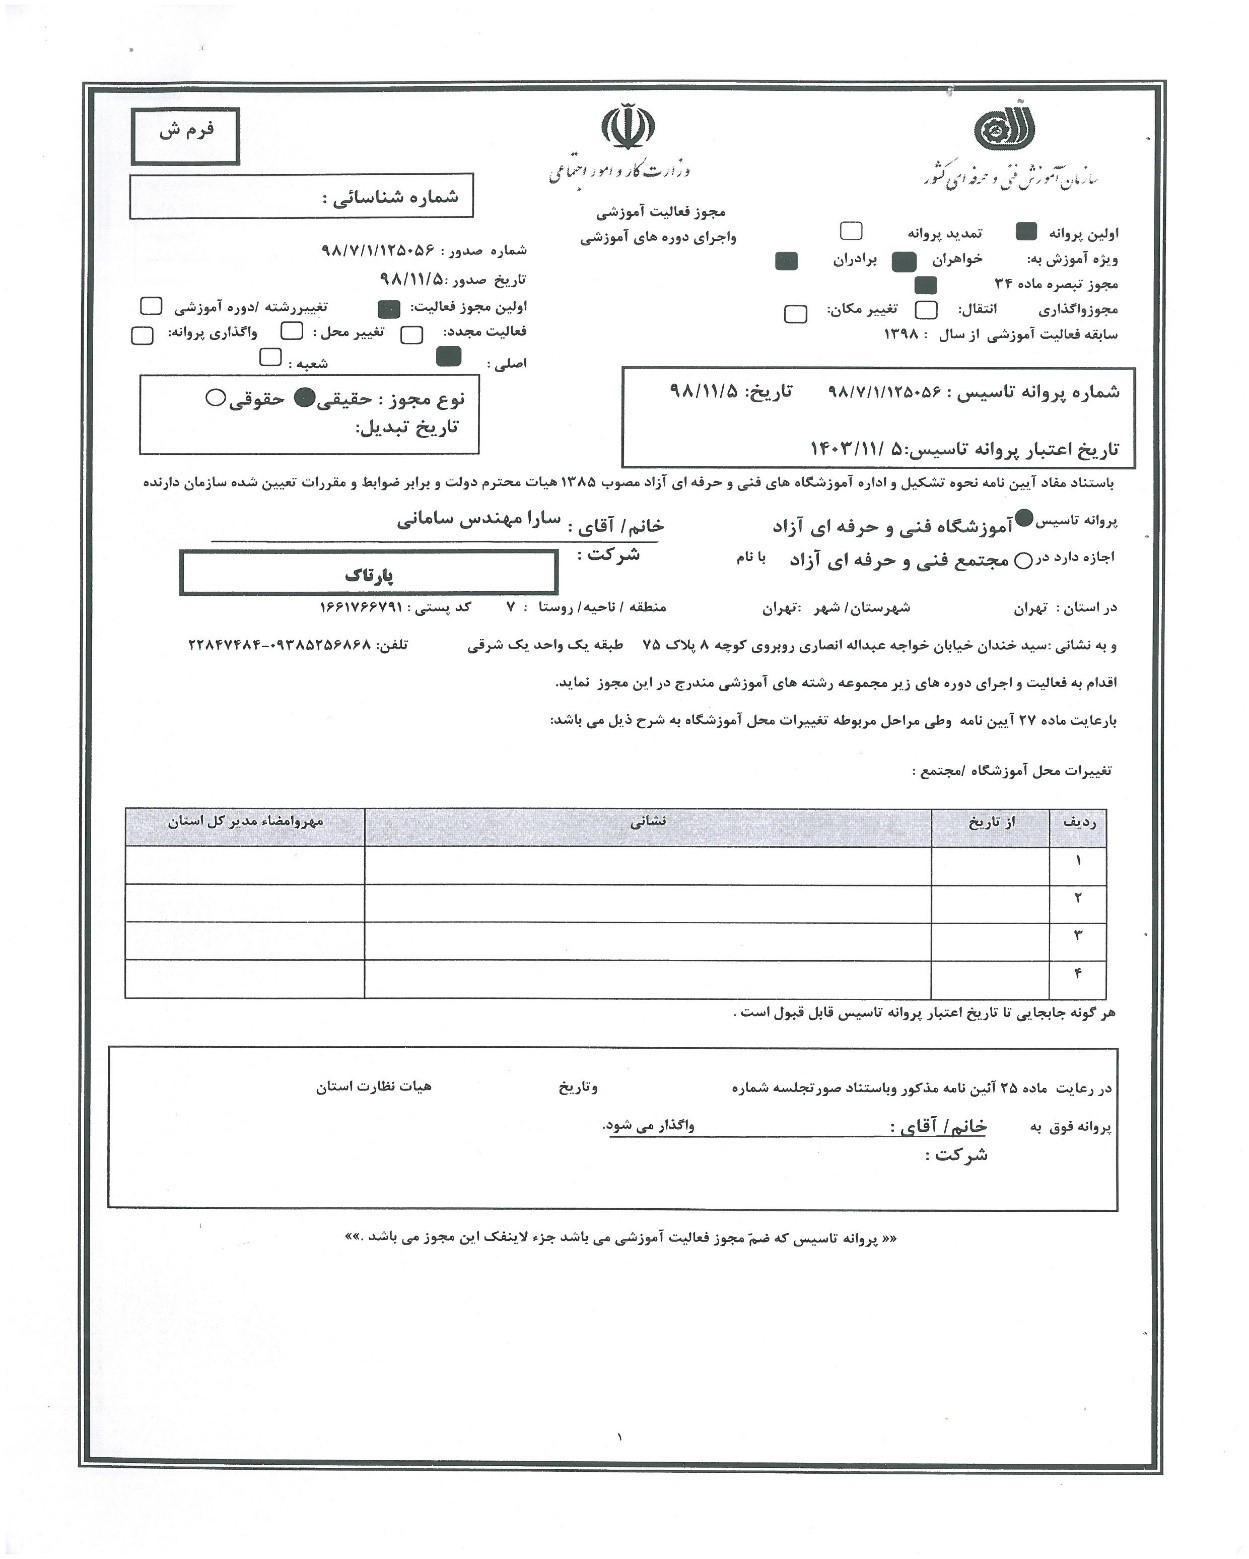 مجوز سازمان فنی و حرفه ای کشور